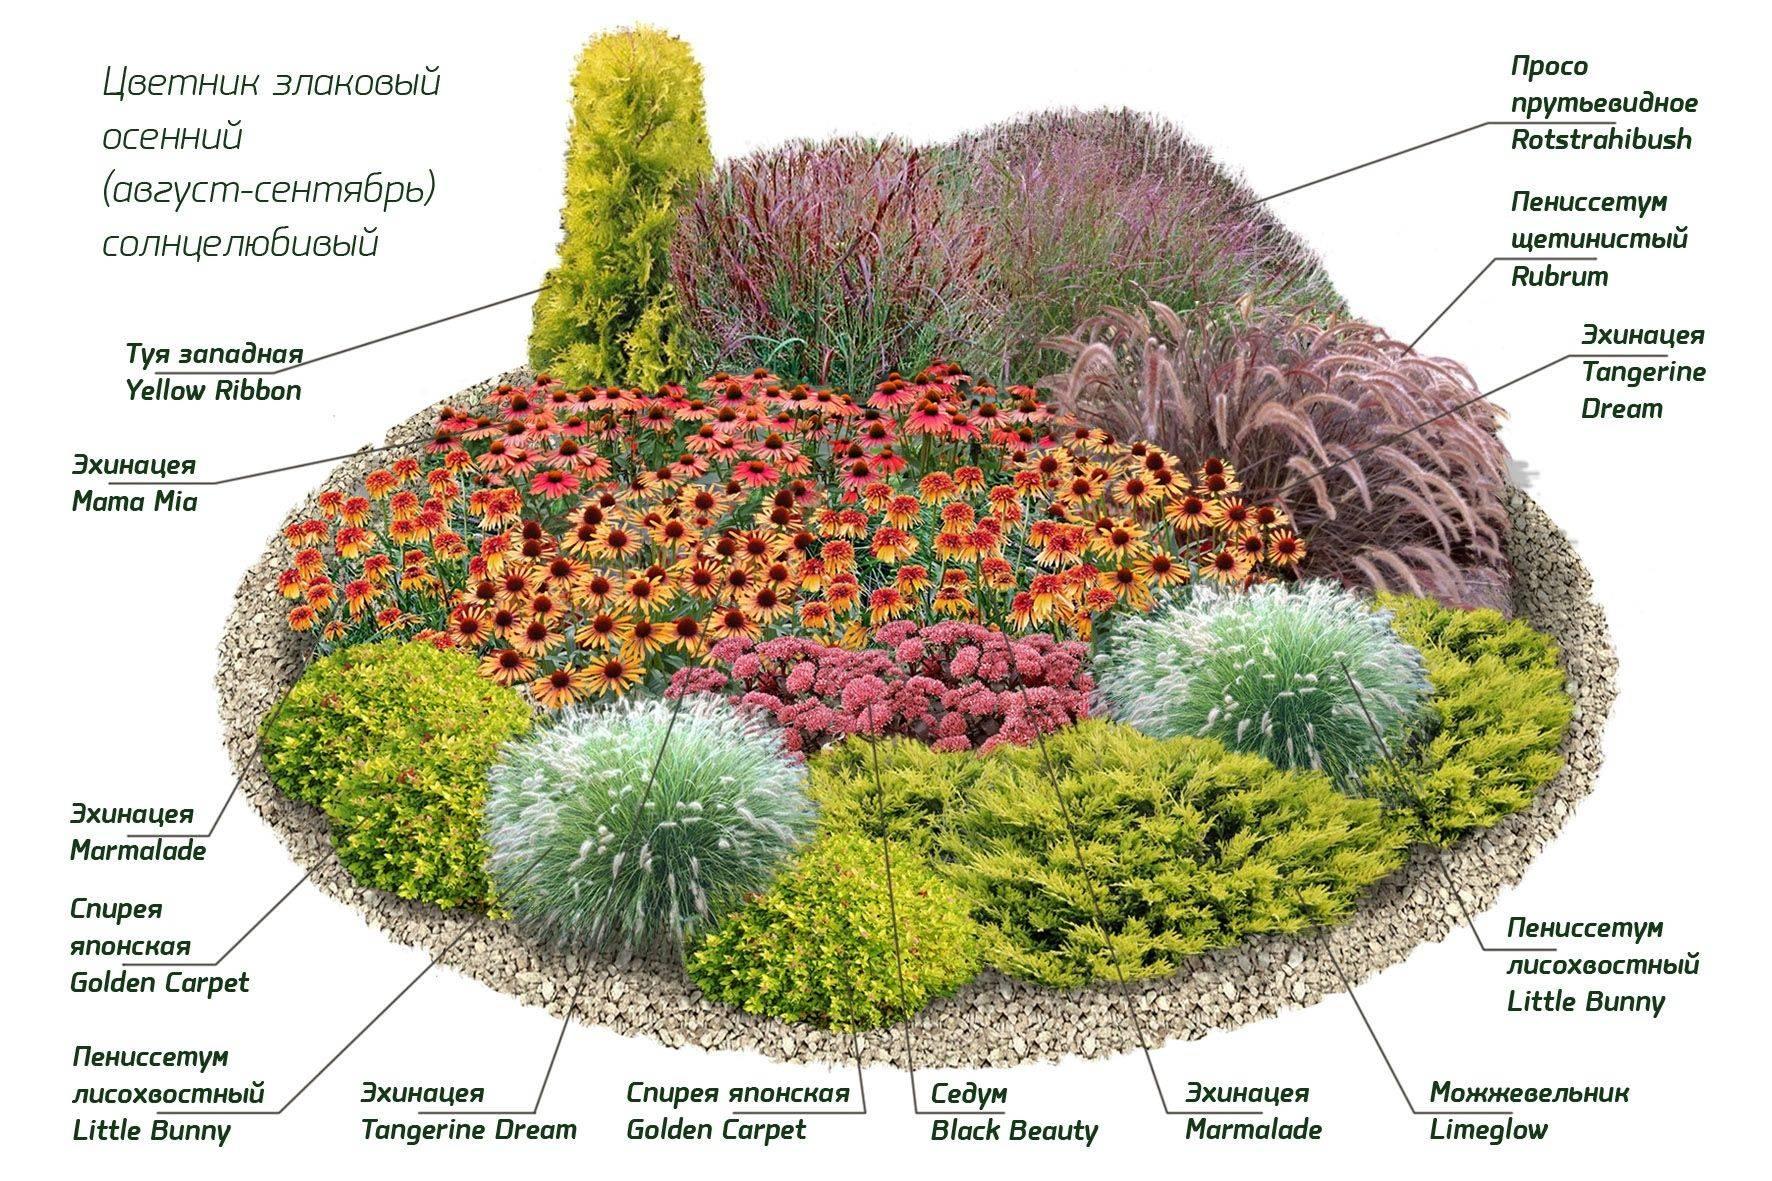 Цветы в ландшафтном дизайне (76 фото): розы, гортензии и ирисы на клумбах в саду, флоксы и обриета в оформлении дачного участка